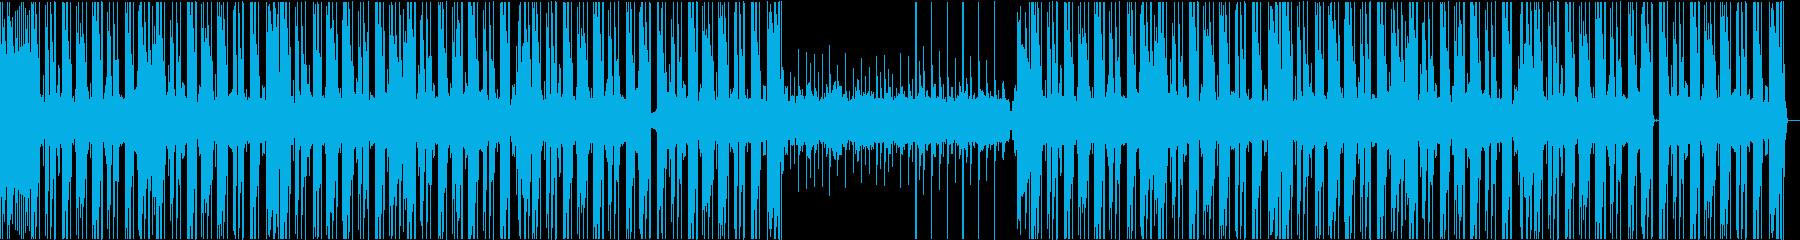 温故知新感のあるHIPHOPビートの再生済みの波形